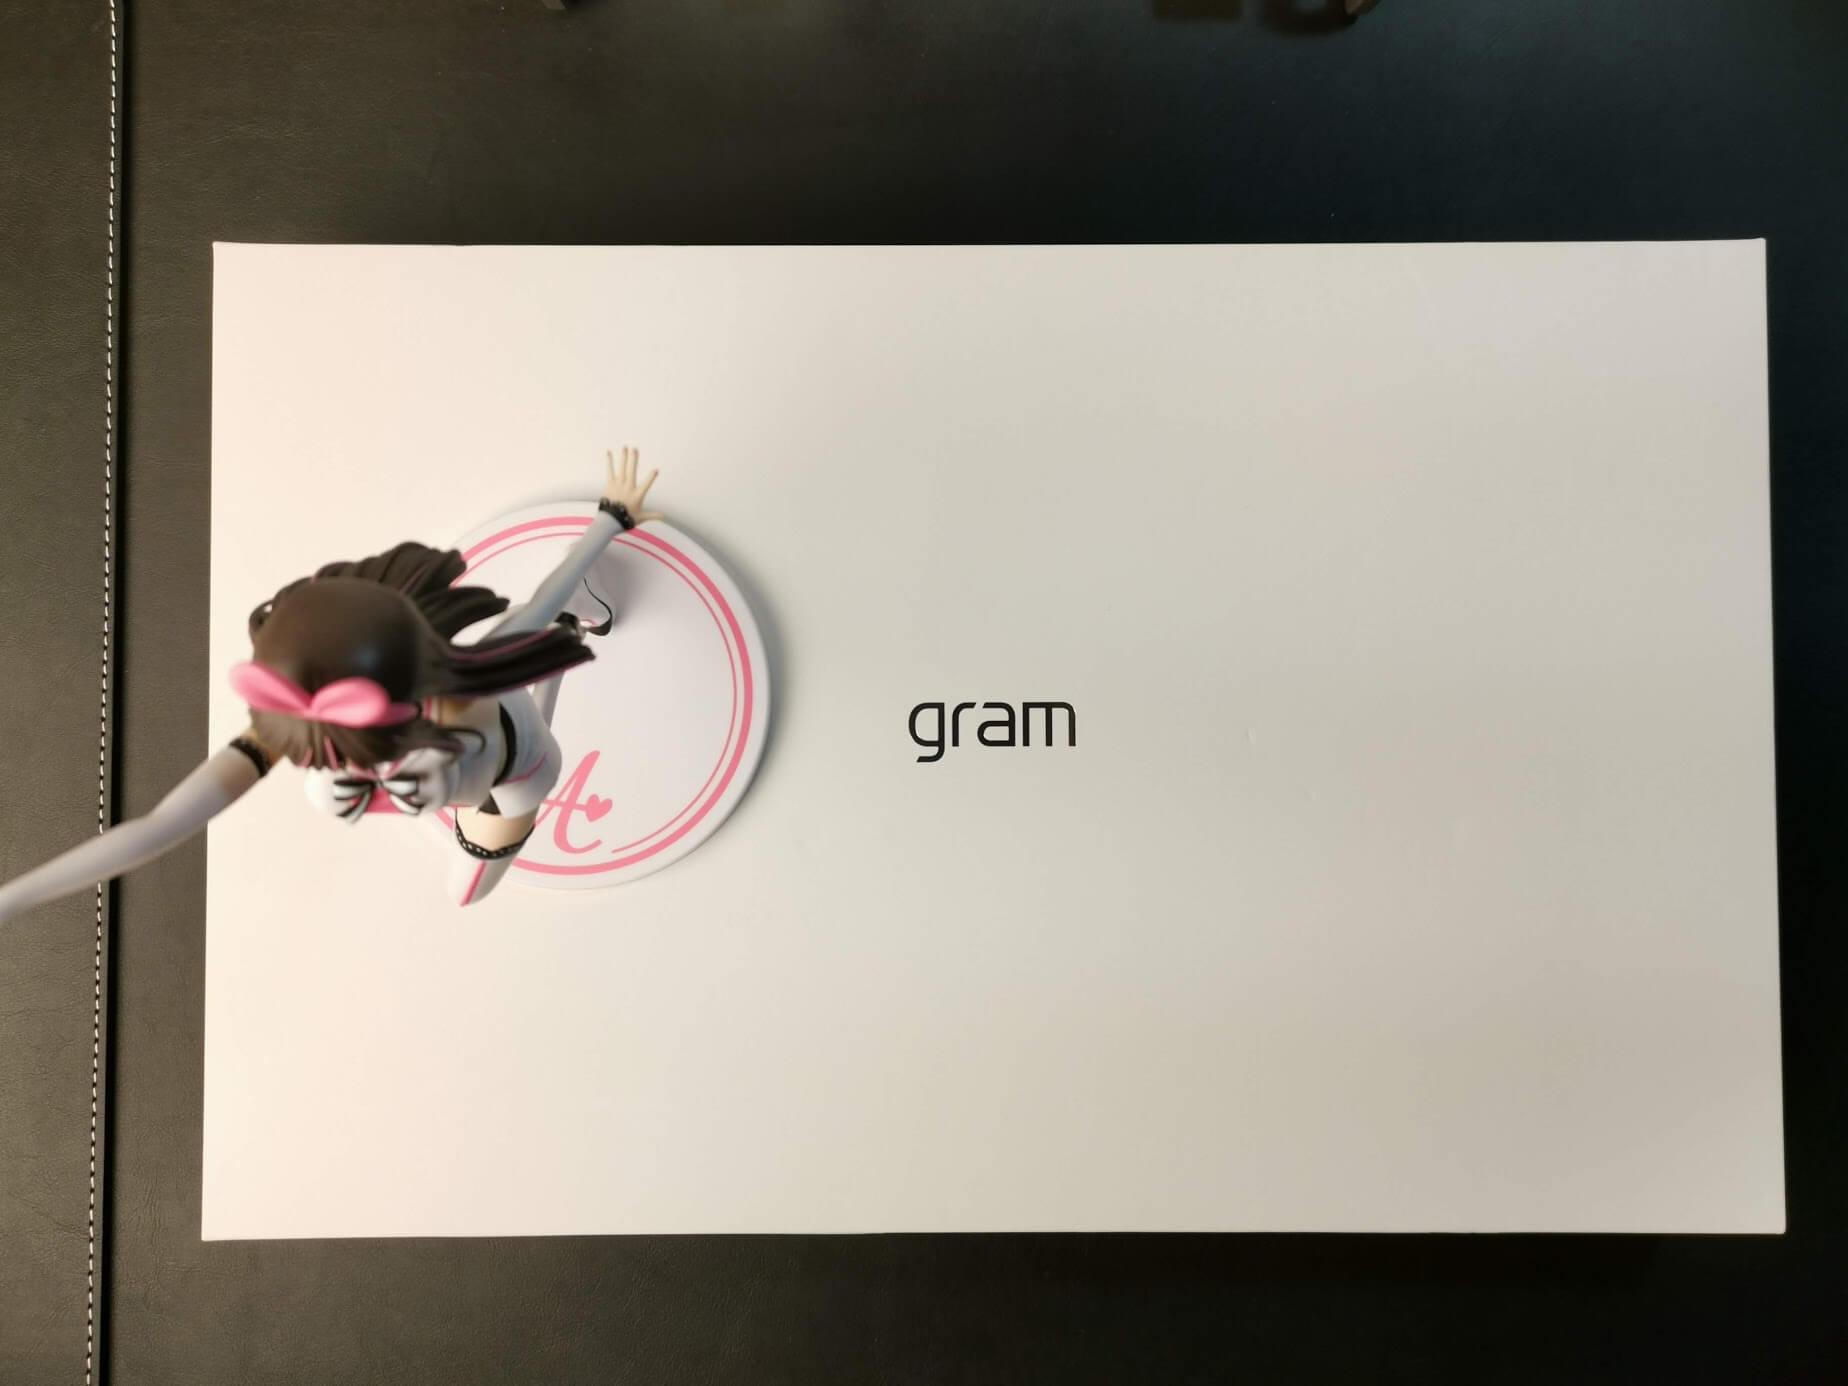 lg-gram17吋-開箱